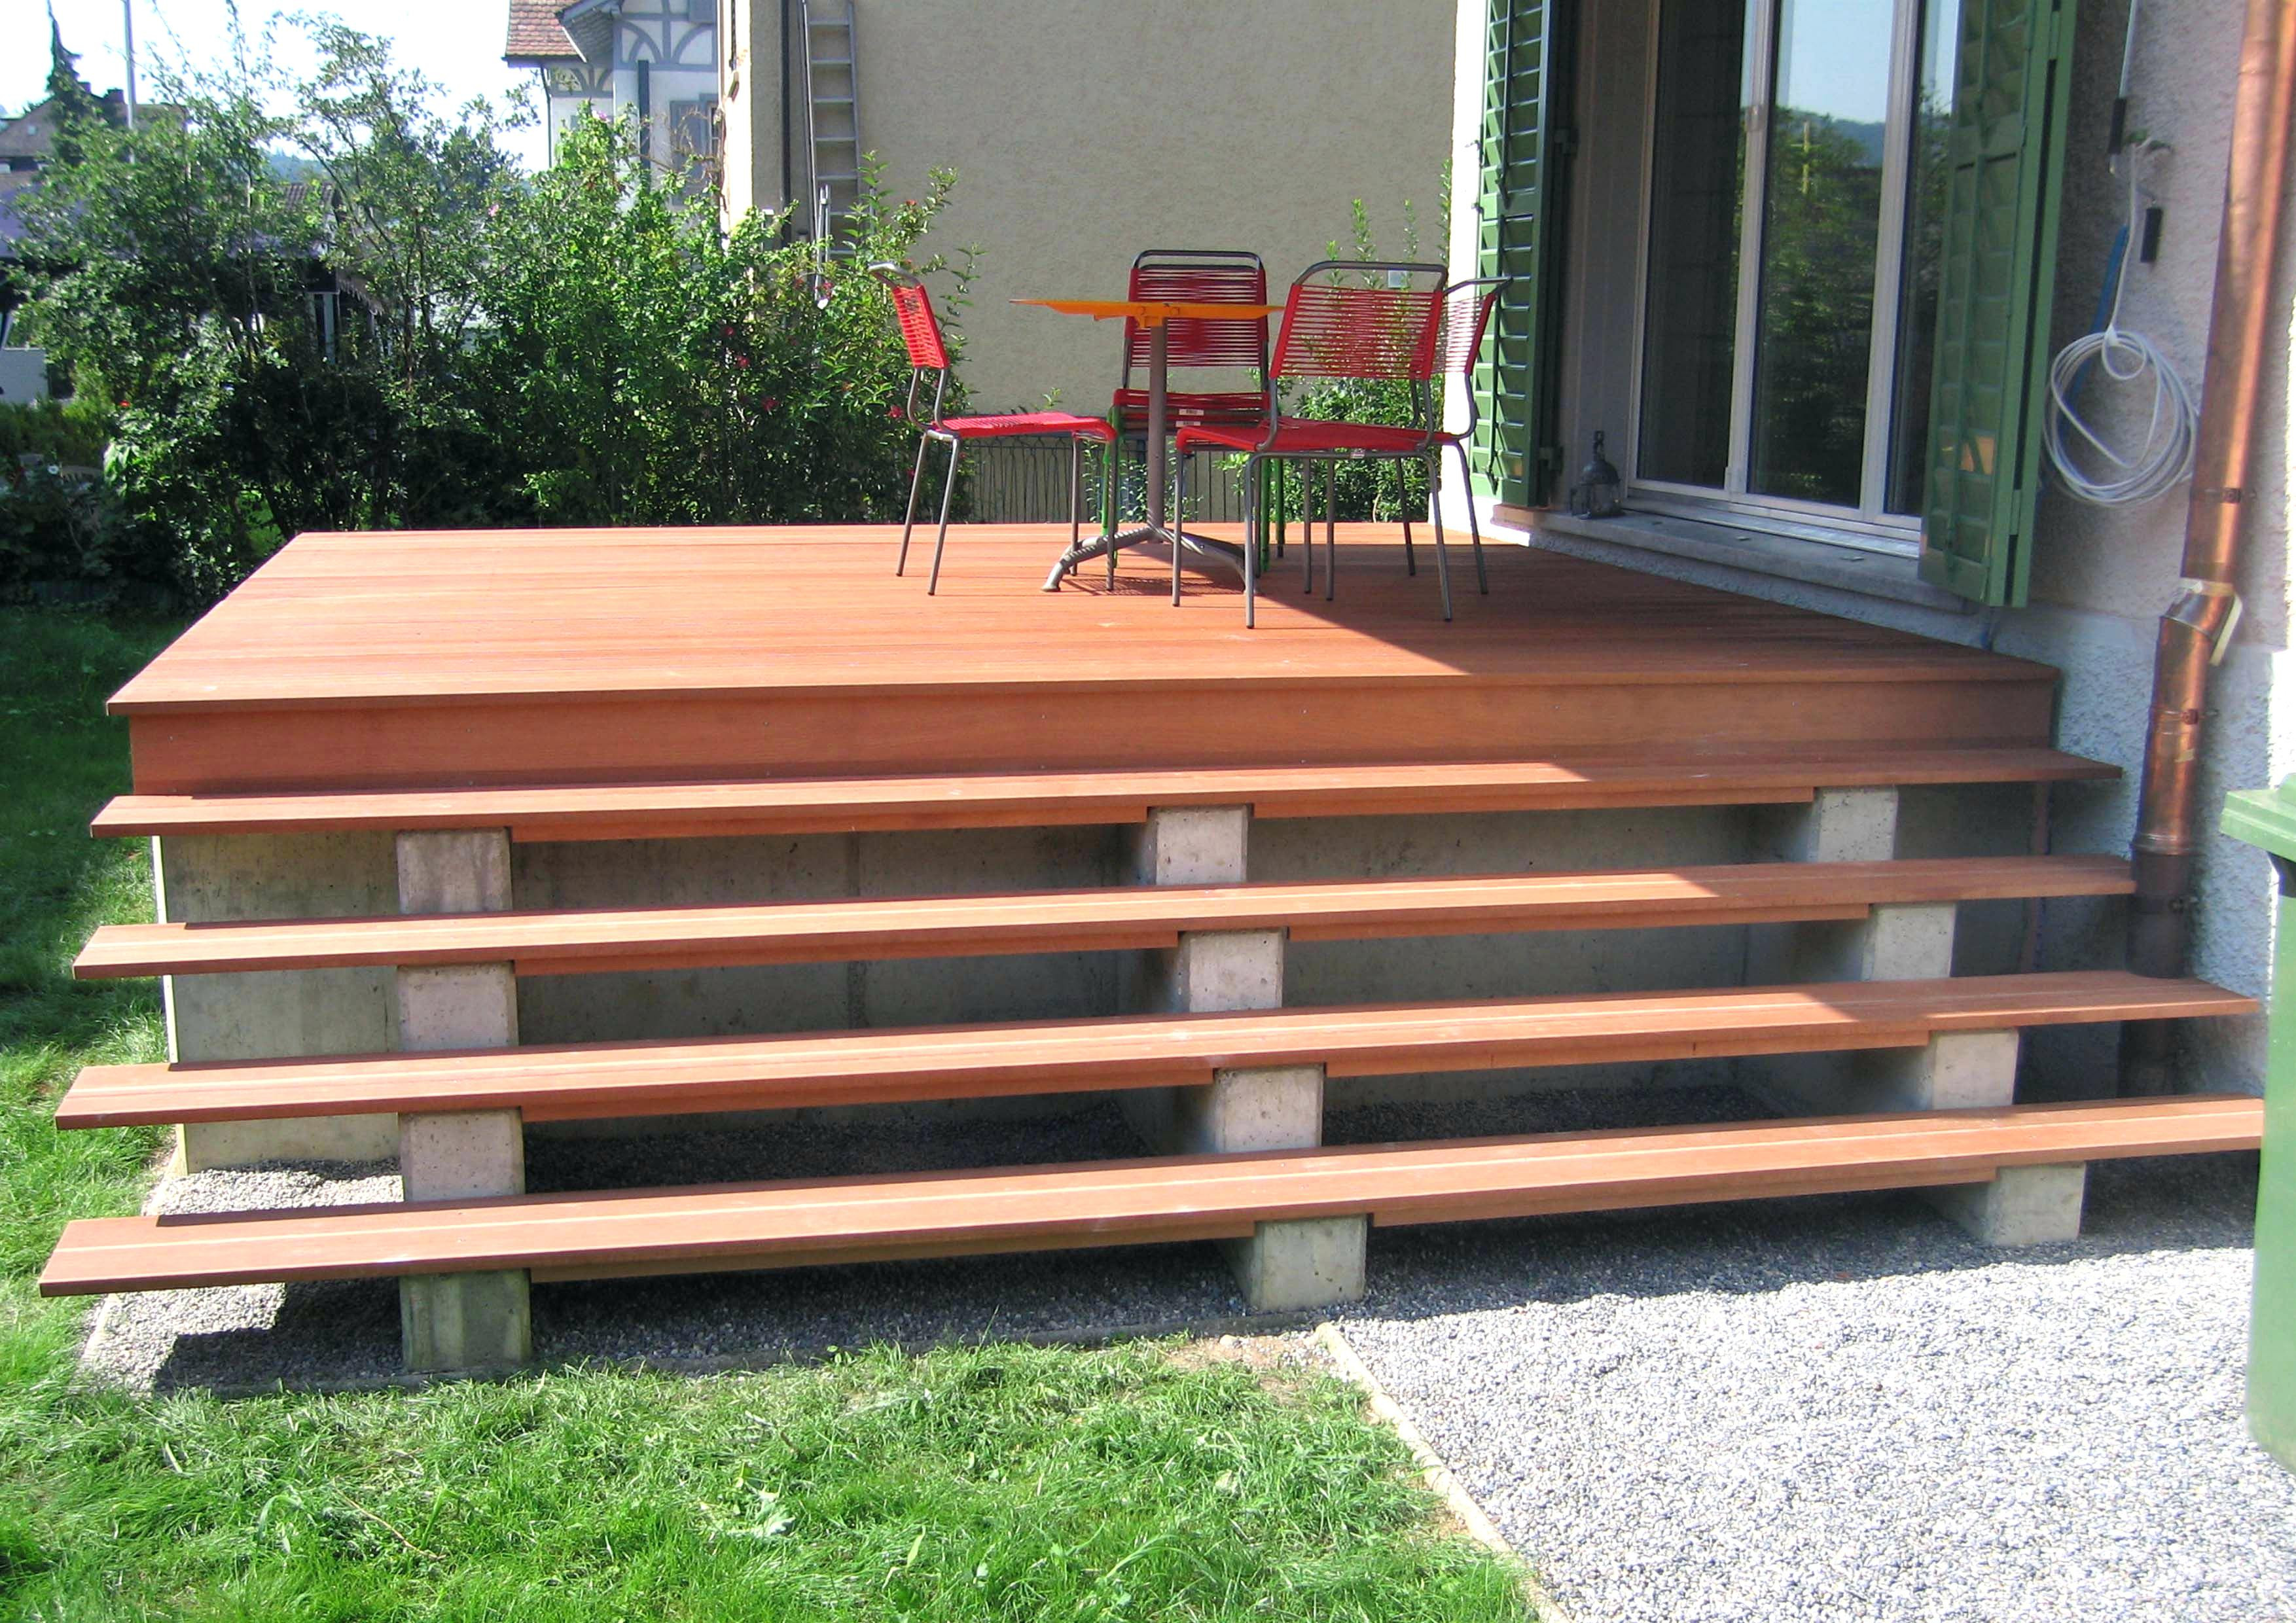 Die Besten Ideen Für Treppe Selber Bauen Beste Wohnkultur